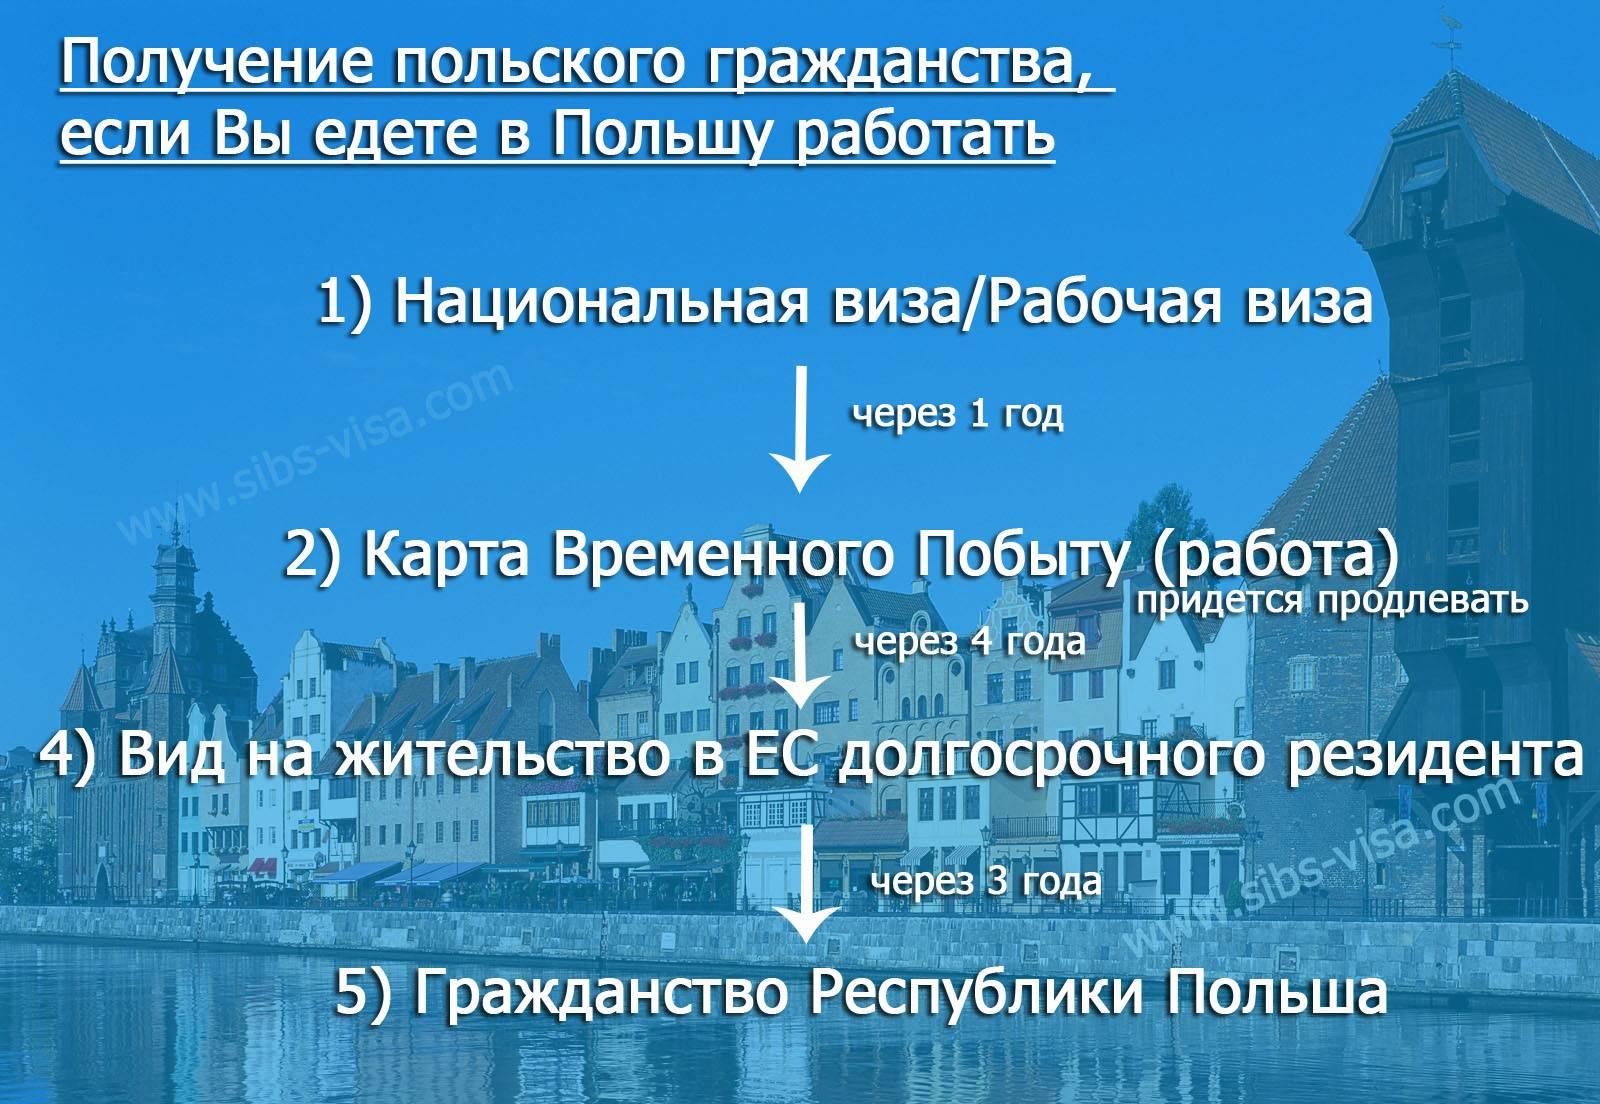 Двойное гражданство в россии: понятие, особенности, ограничения двойное гражданство в россии: понятие, особенности, ограничения